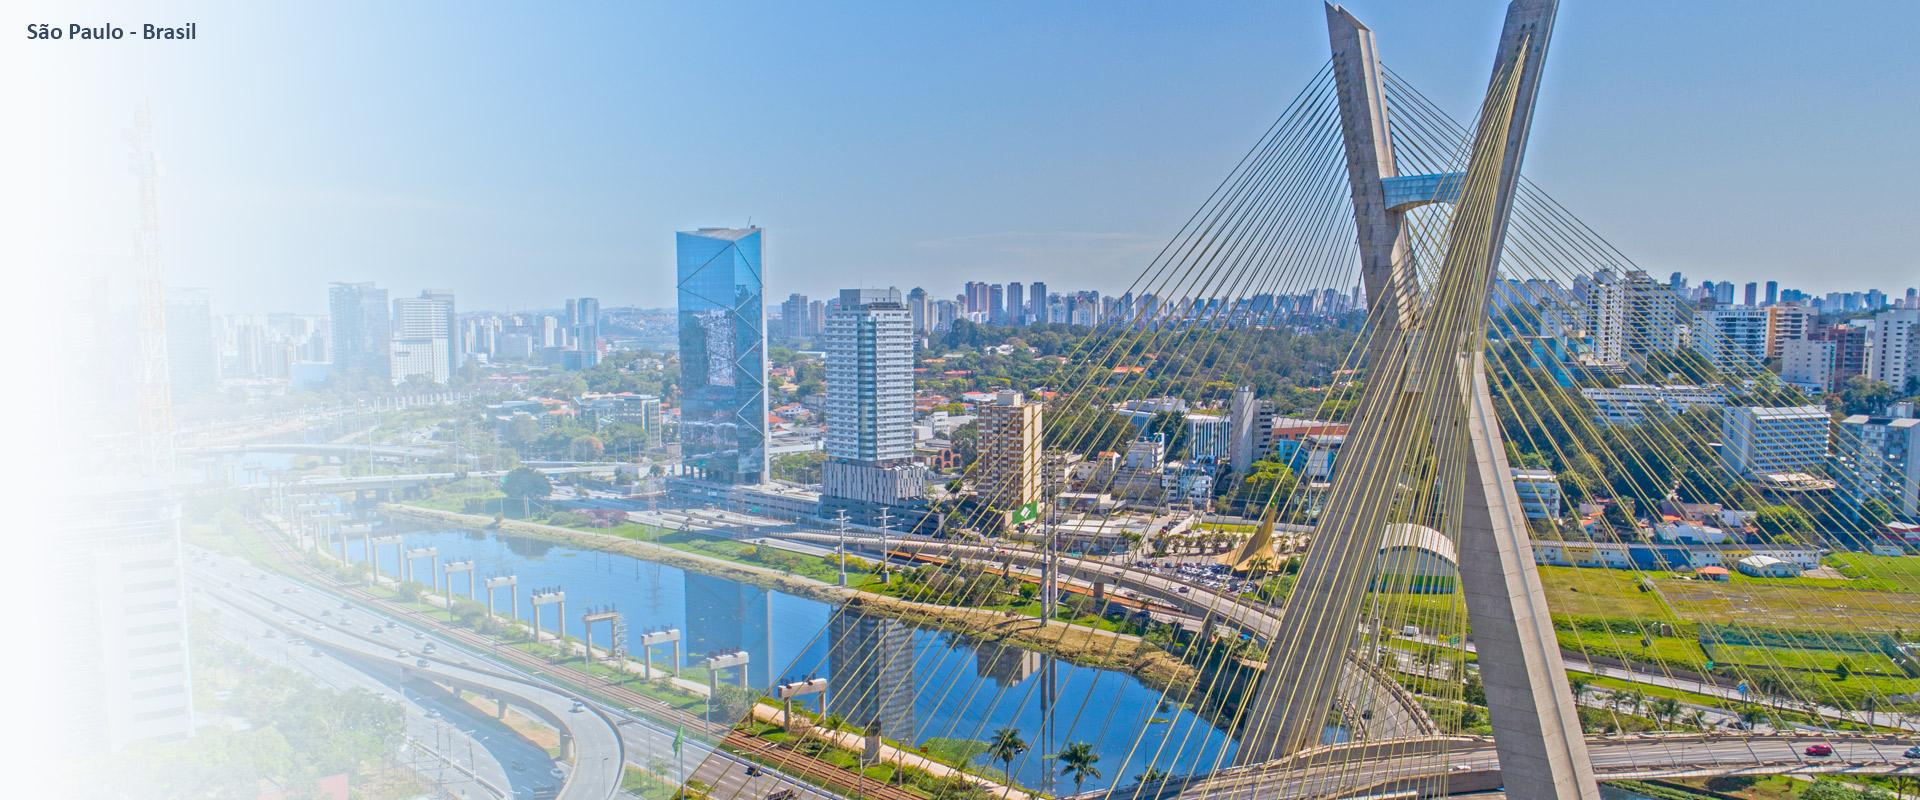 Imagen aérea de Sao Paulo